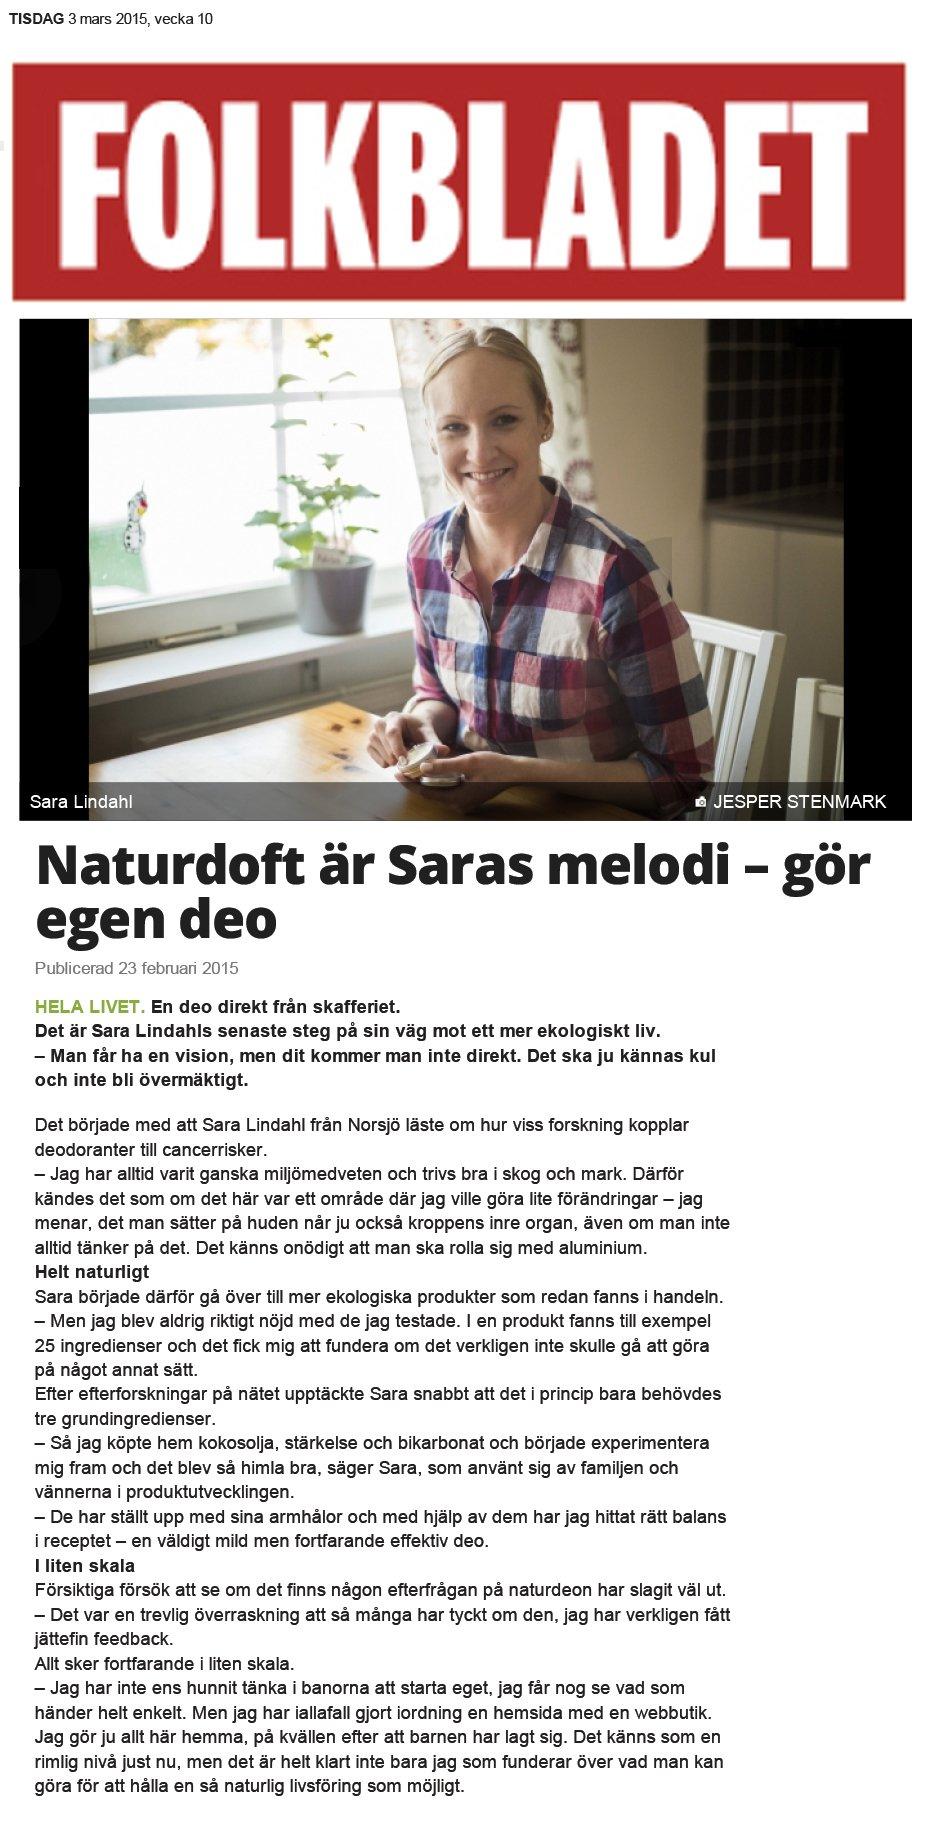 Folkbladet_ Naturligdeo